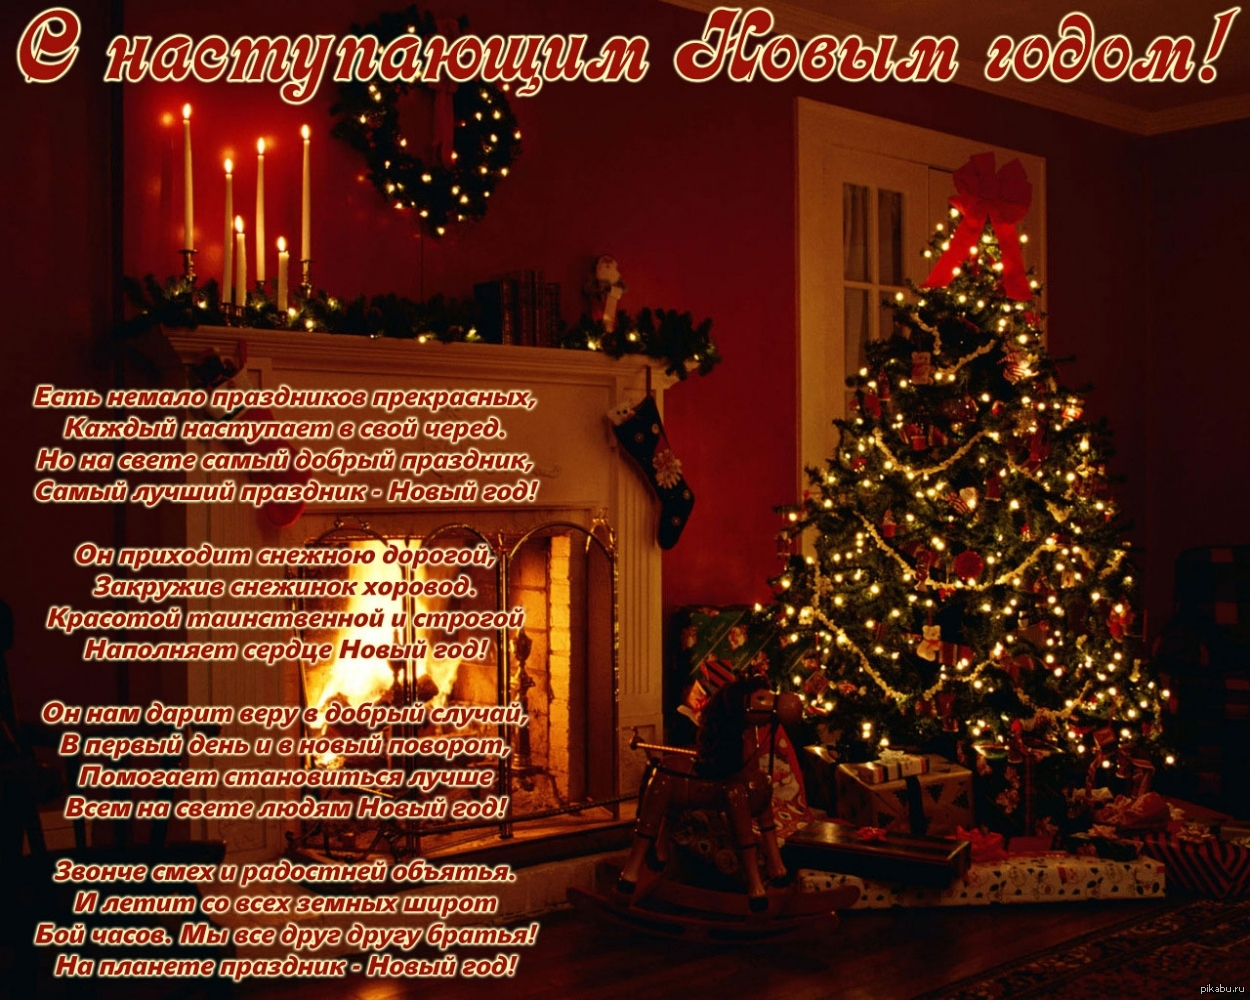 стихи поздравление с наступающим новым годом вам одна